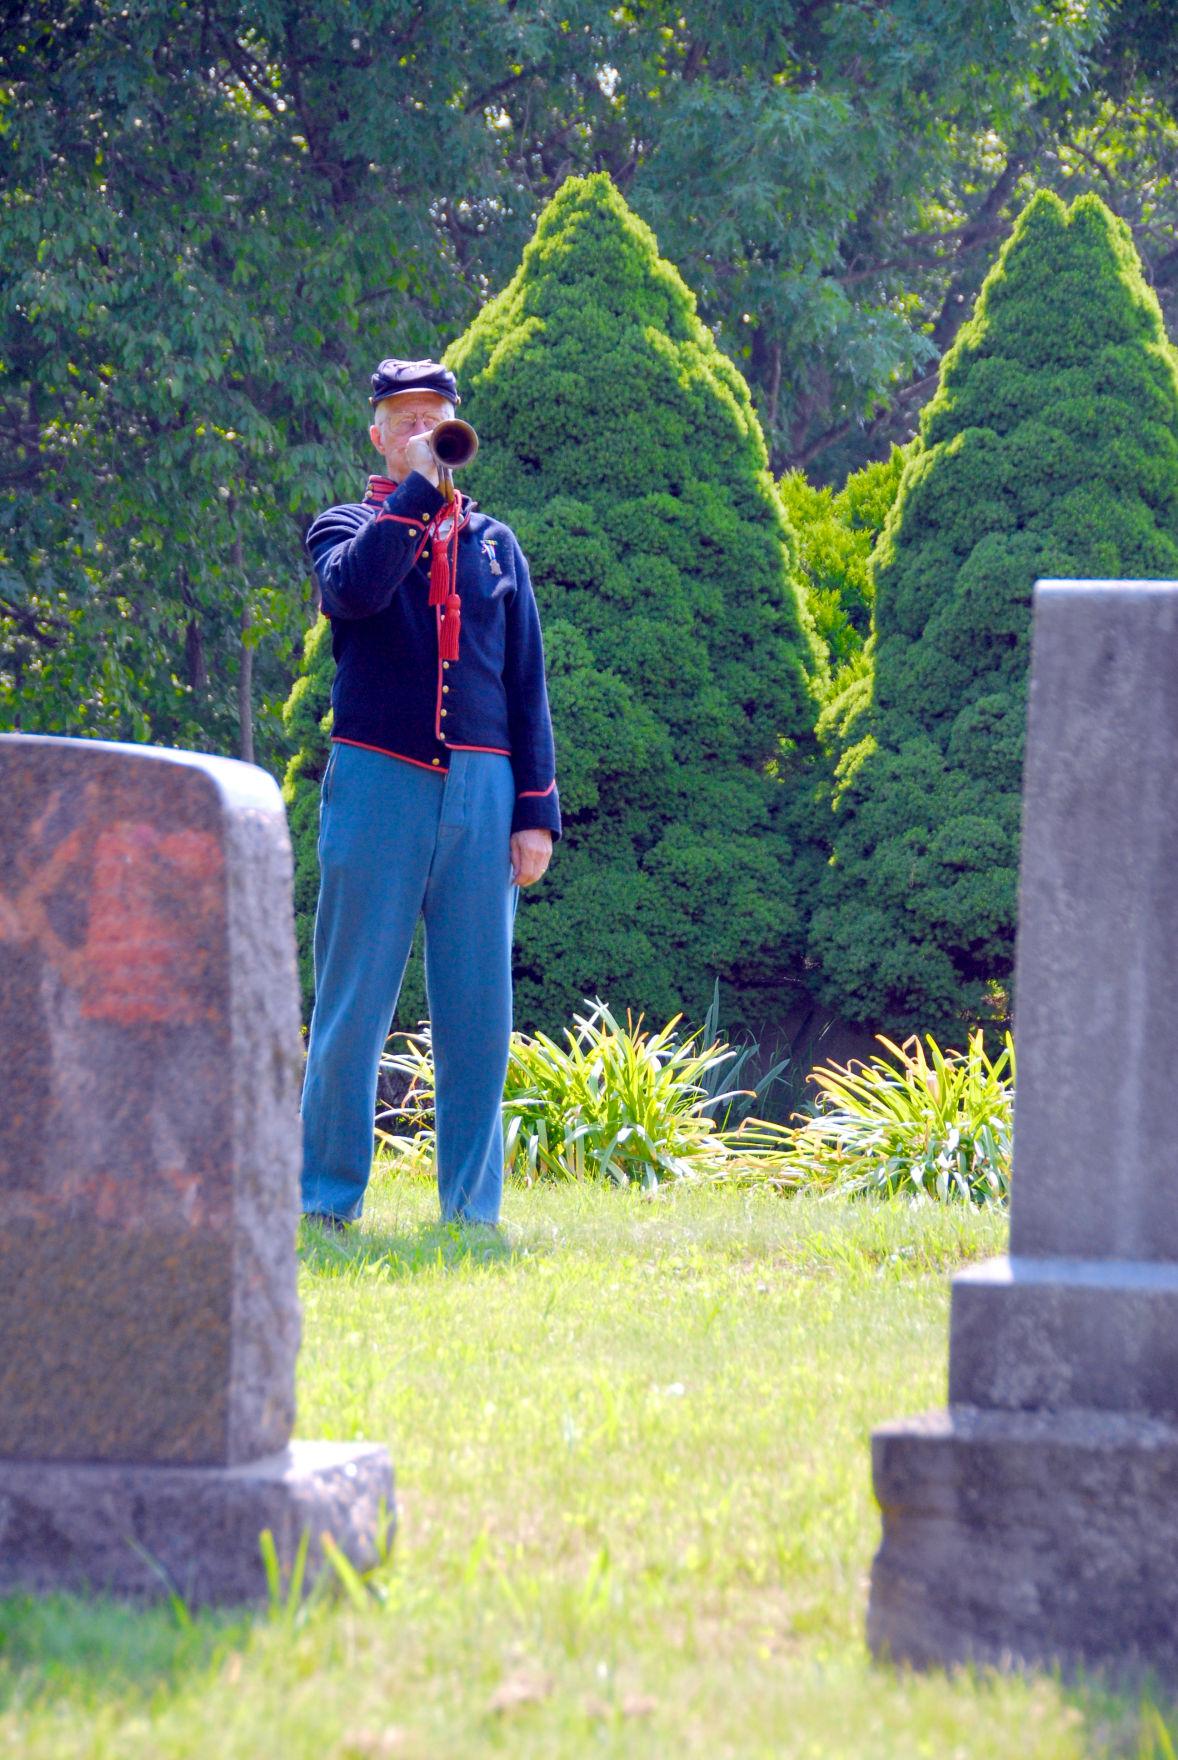 taps at civil war salute